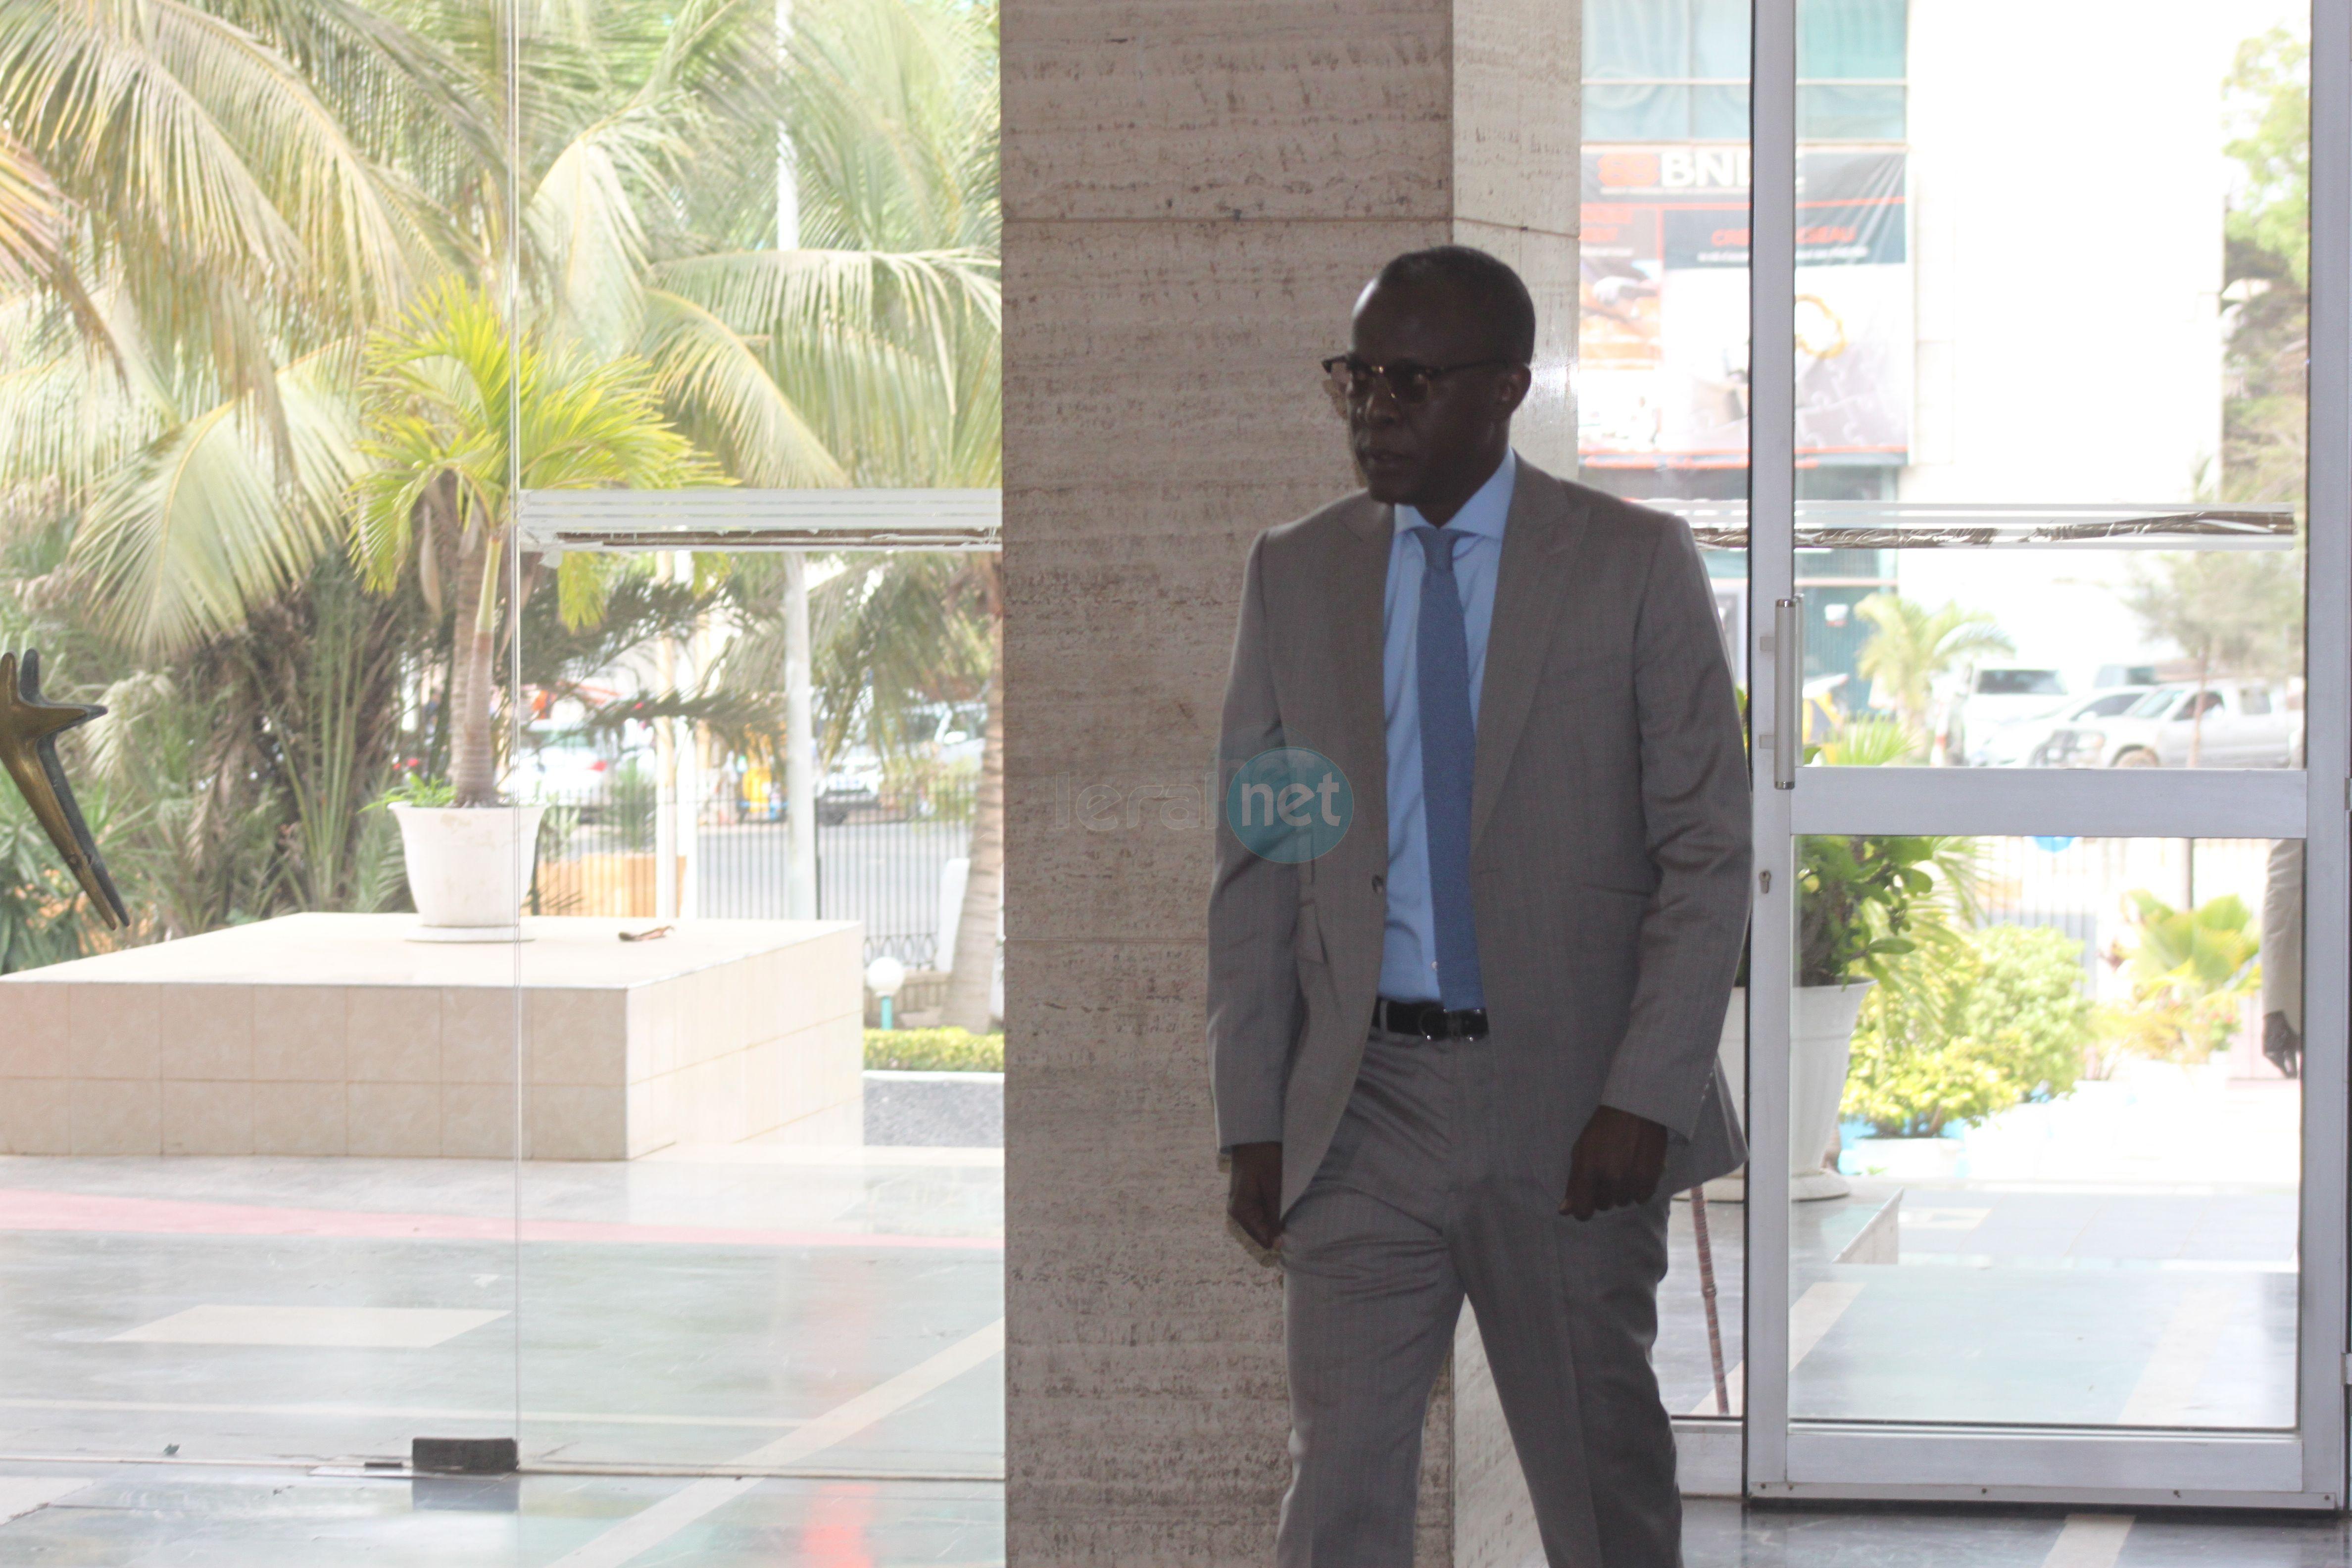 Voici le ministre Secrétaire d'Etat à la Communication, Yakham Mbaye à son arrivée à l'Assemblée nationale